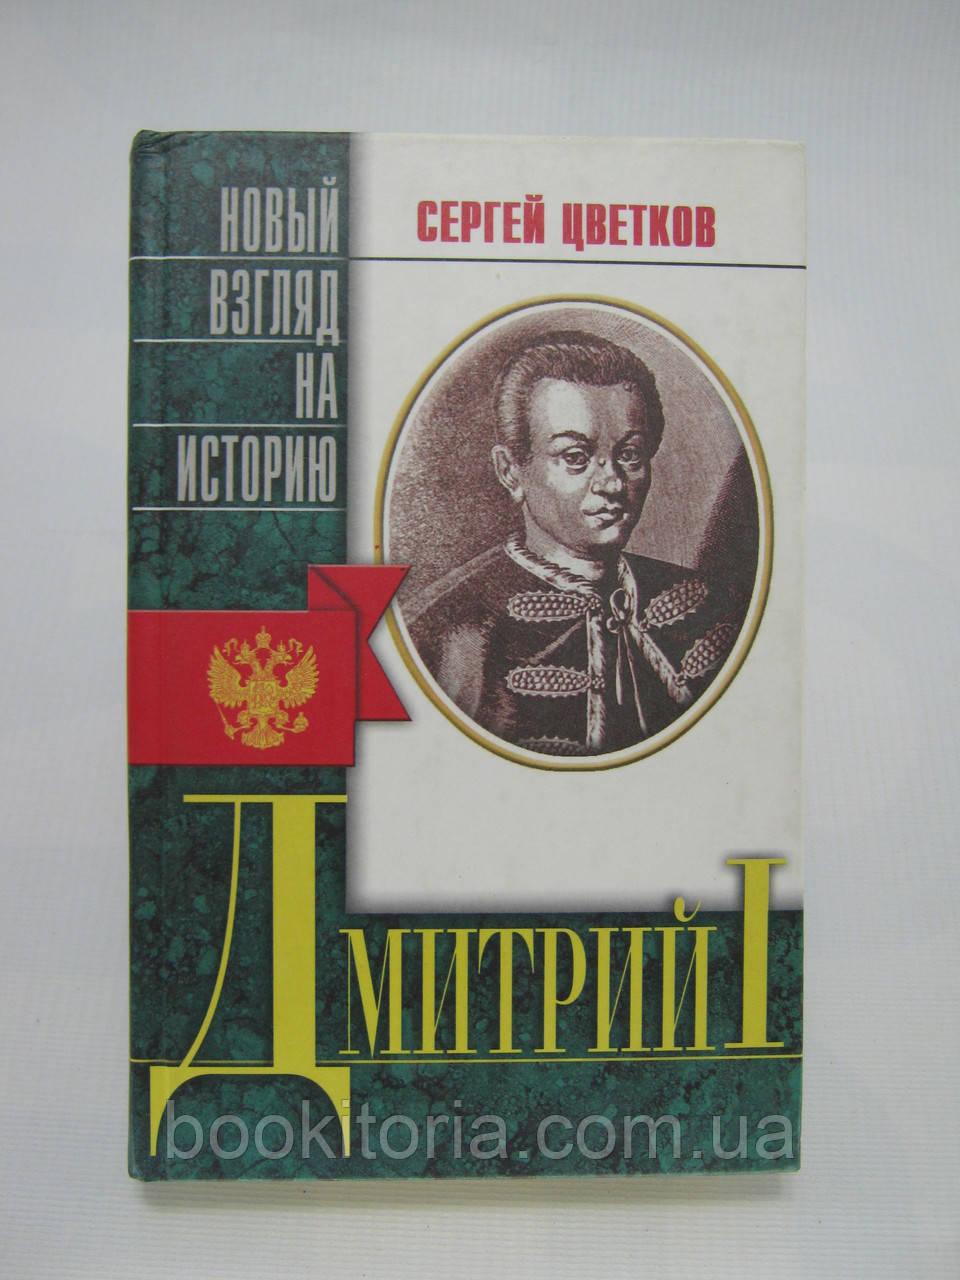 Цветков С. Дмитрий I, царь московский. Марина Мнишек (б/у).